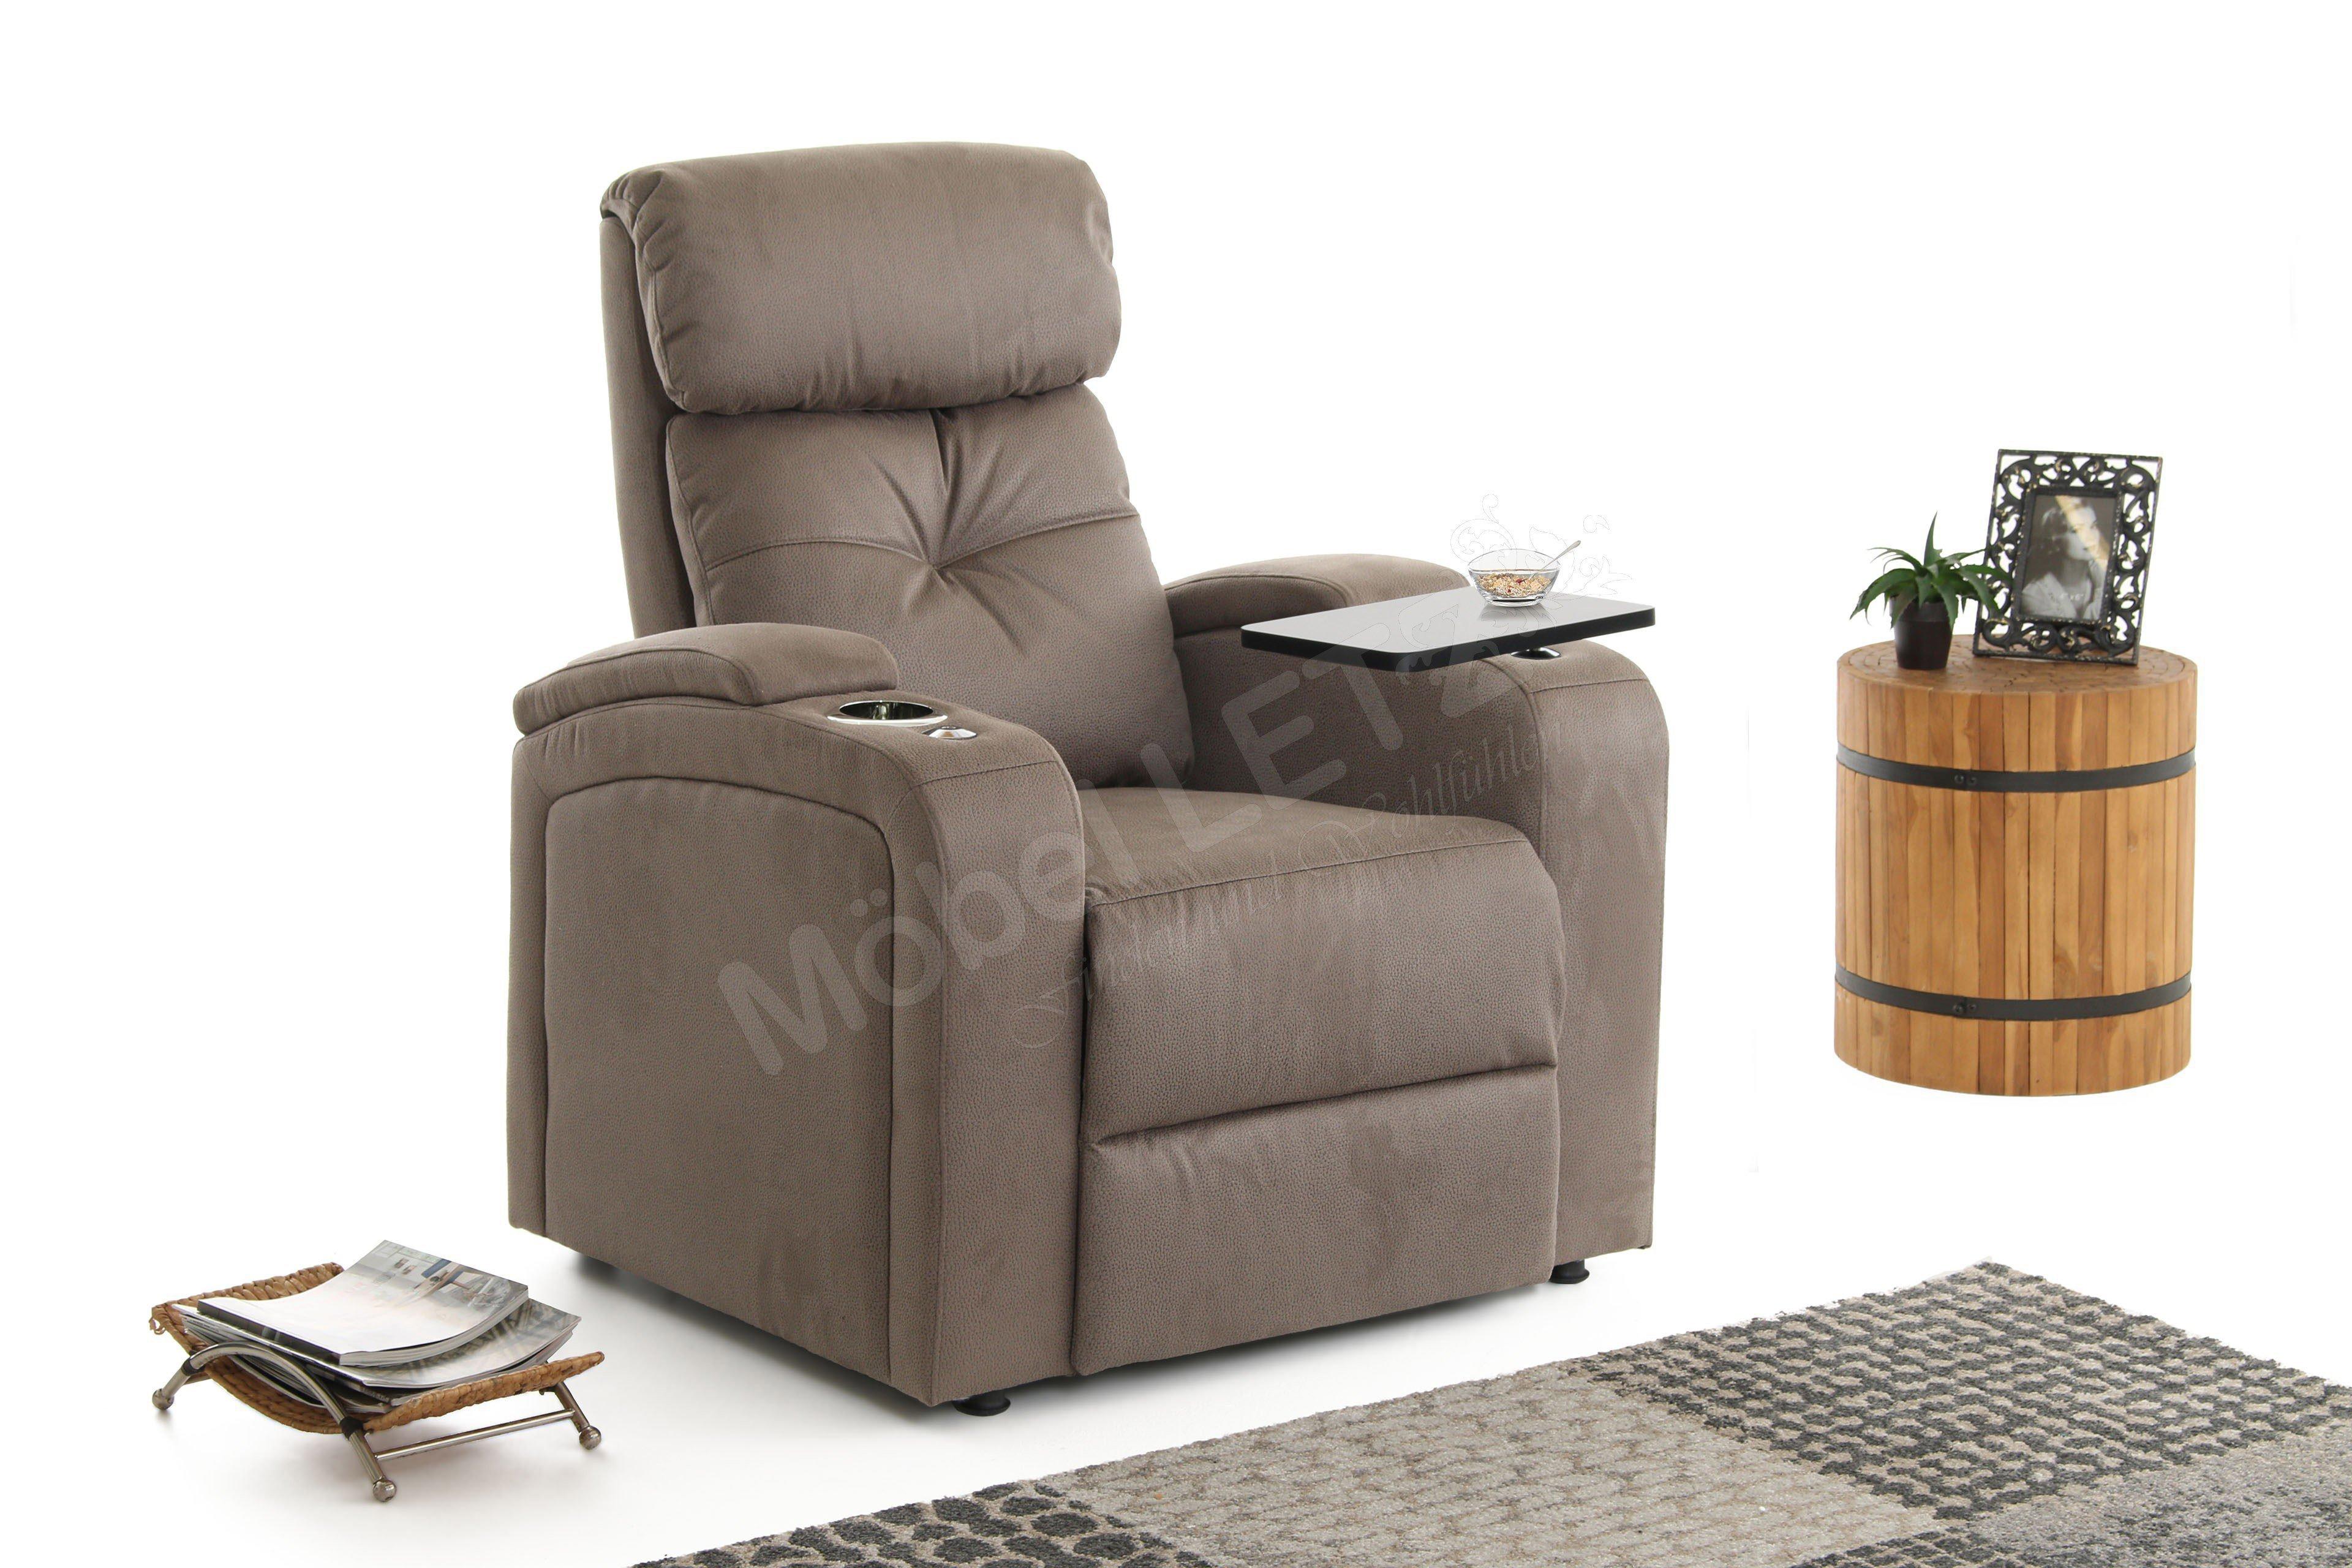 Procom Houston 1 Relaxsessel In Braun Möbel Letz Ihr Online Shop